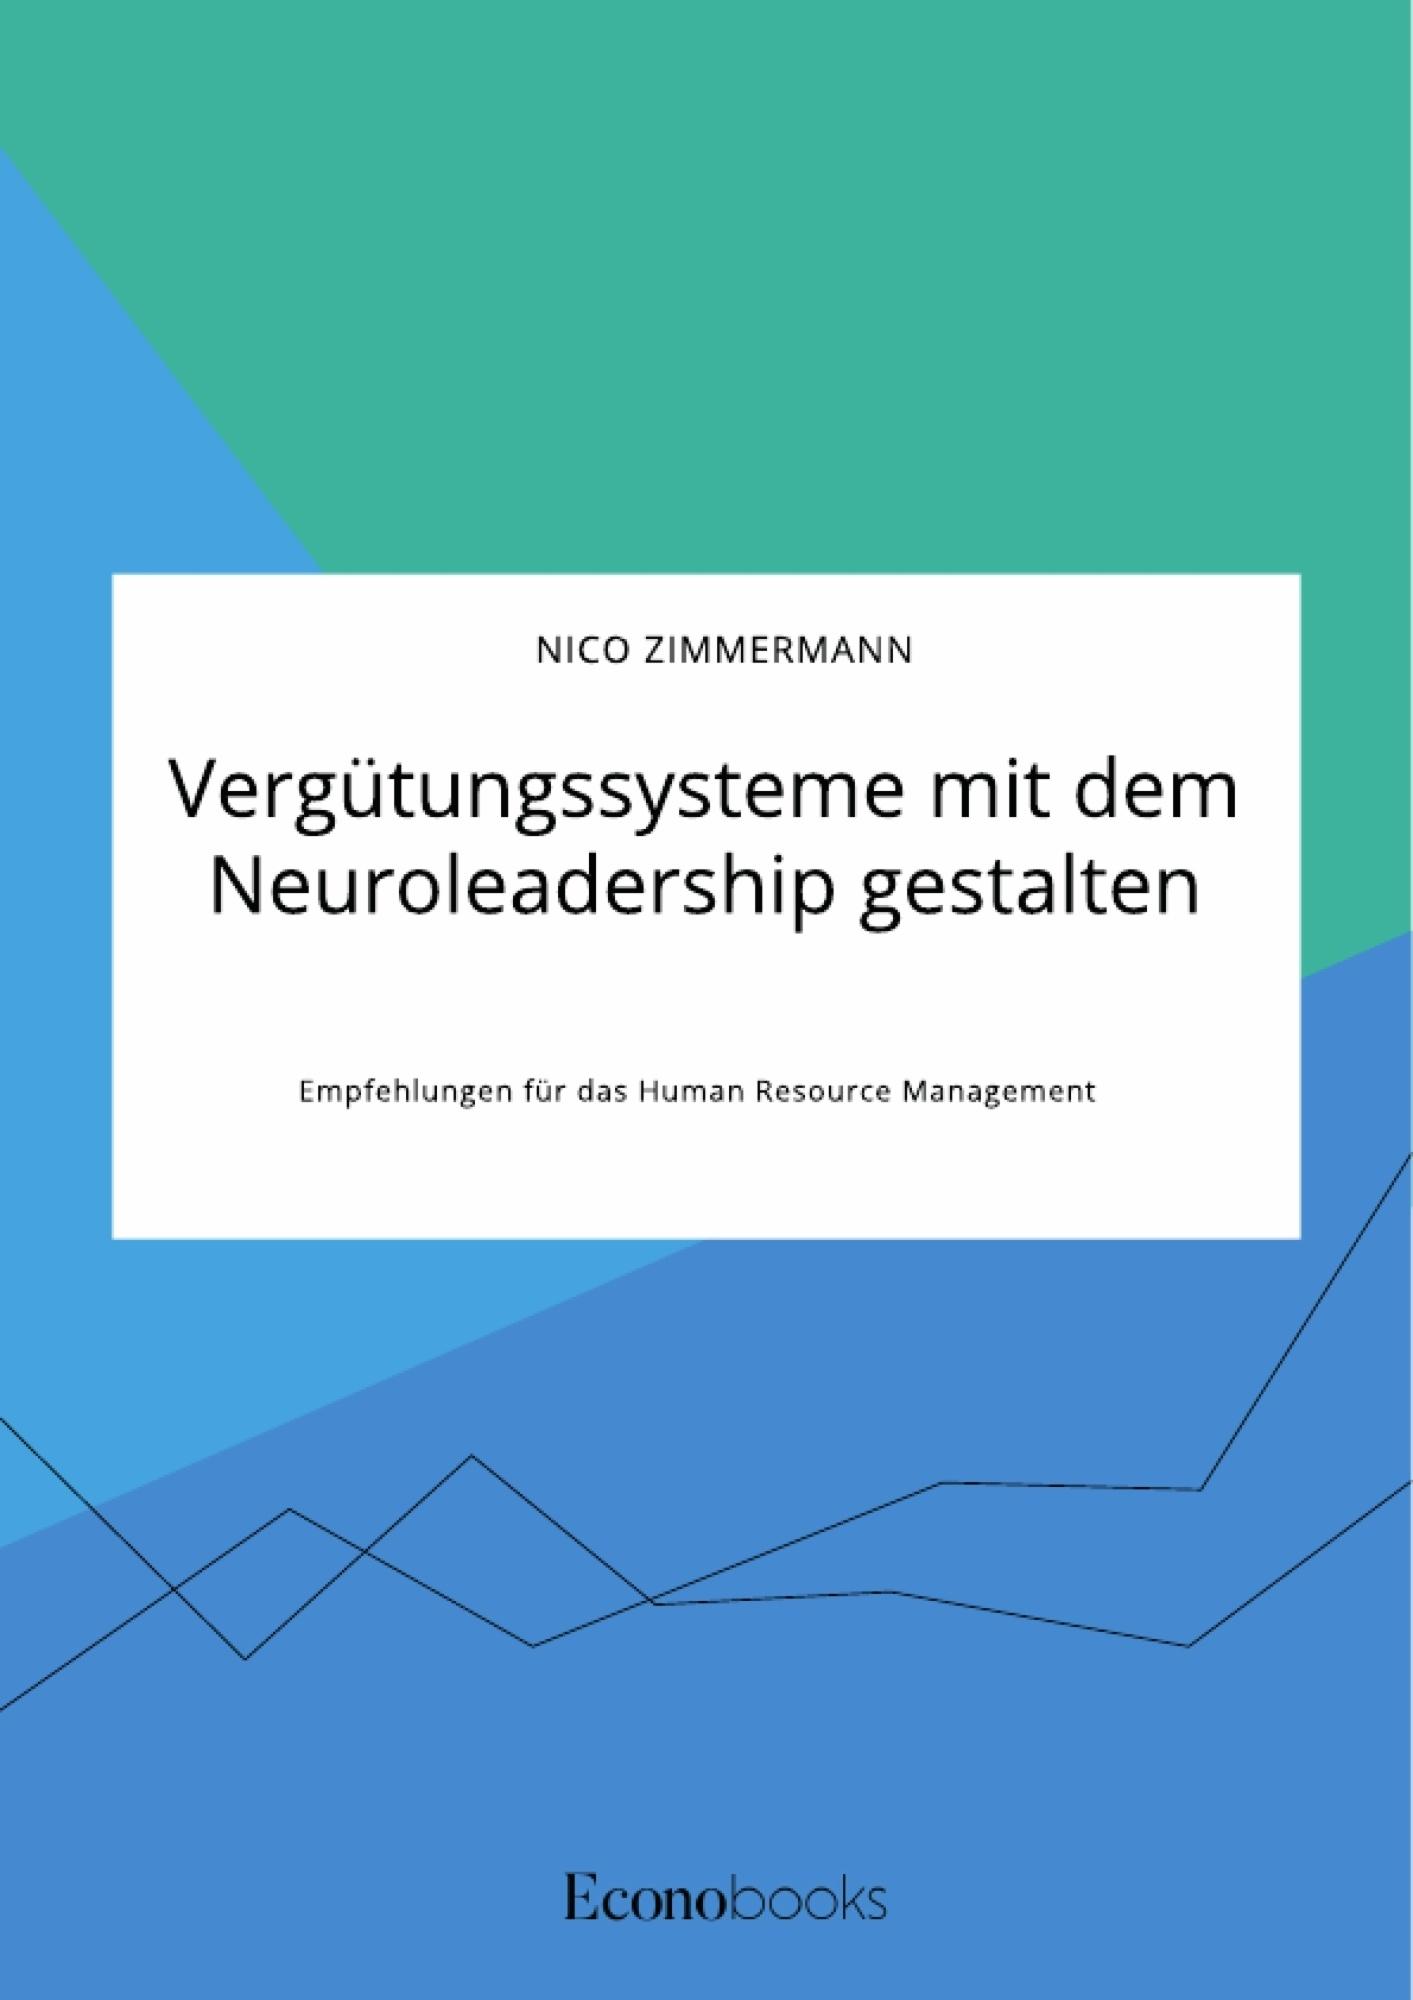 Titel: Vergütungssysteme mit dem Neuroleadership gestalten. Empfehlungen für das Human Resource Management